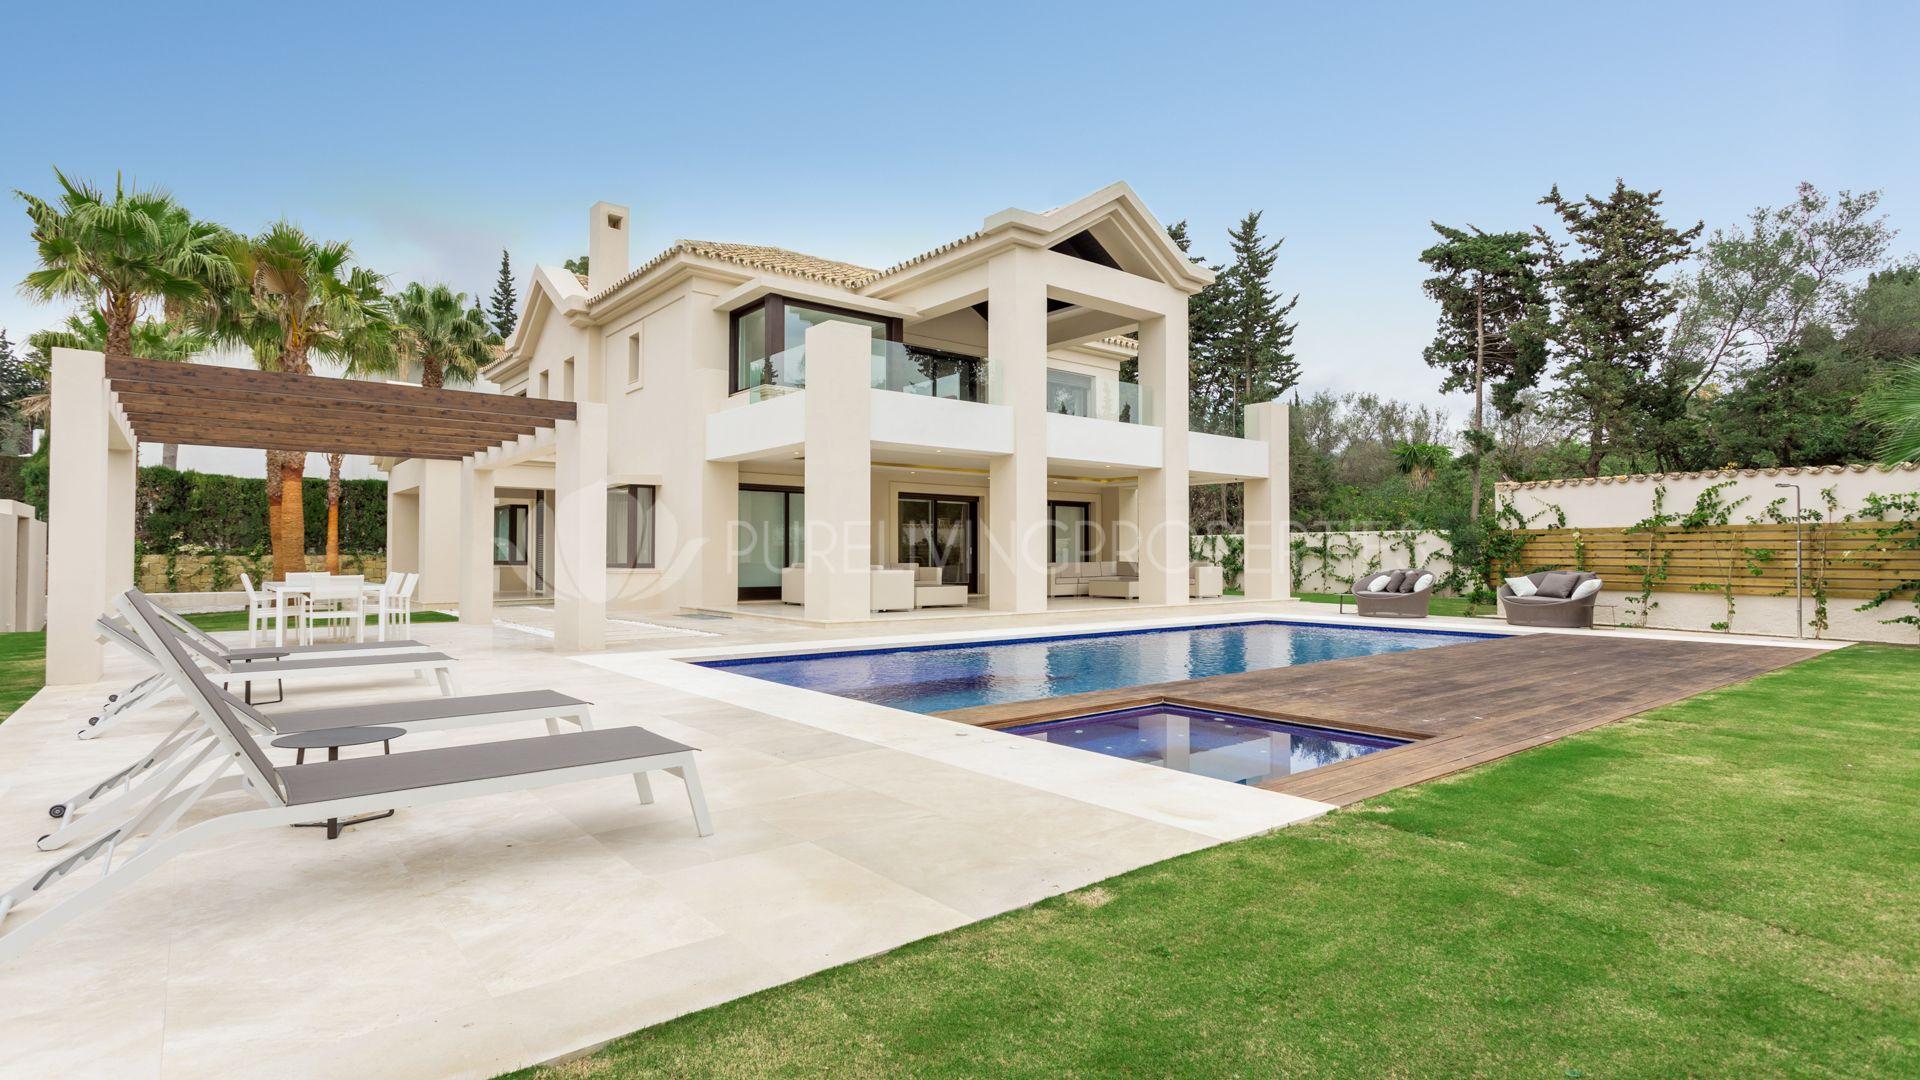 New-build villas in Marbella